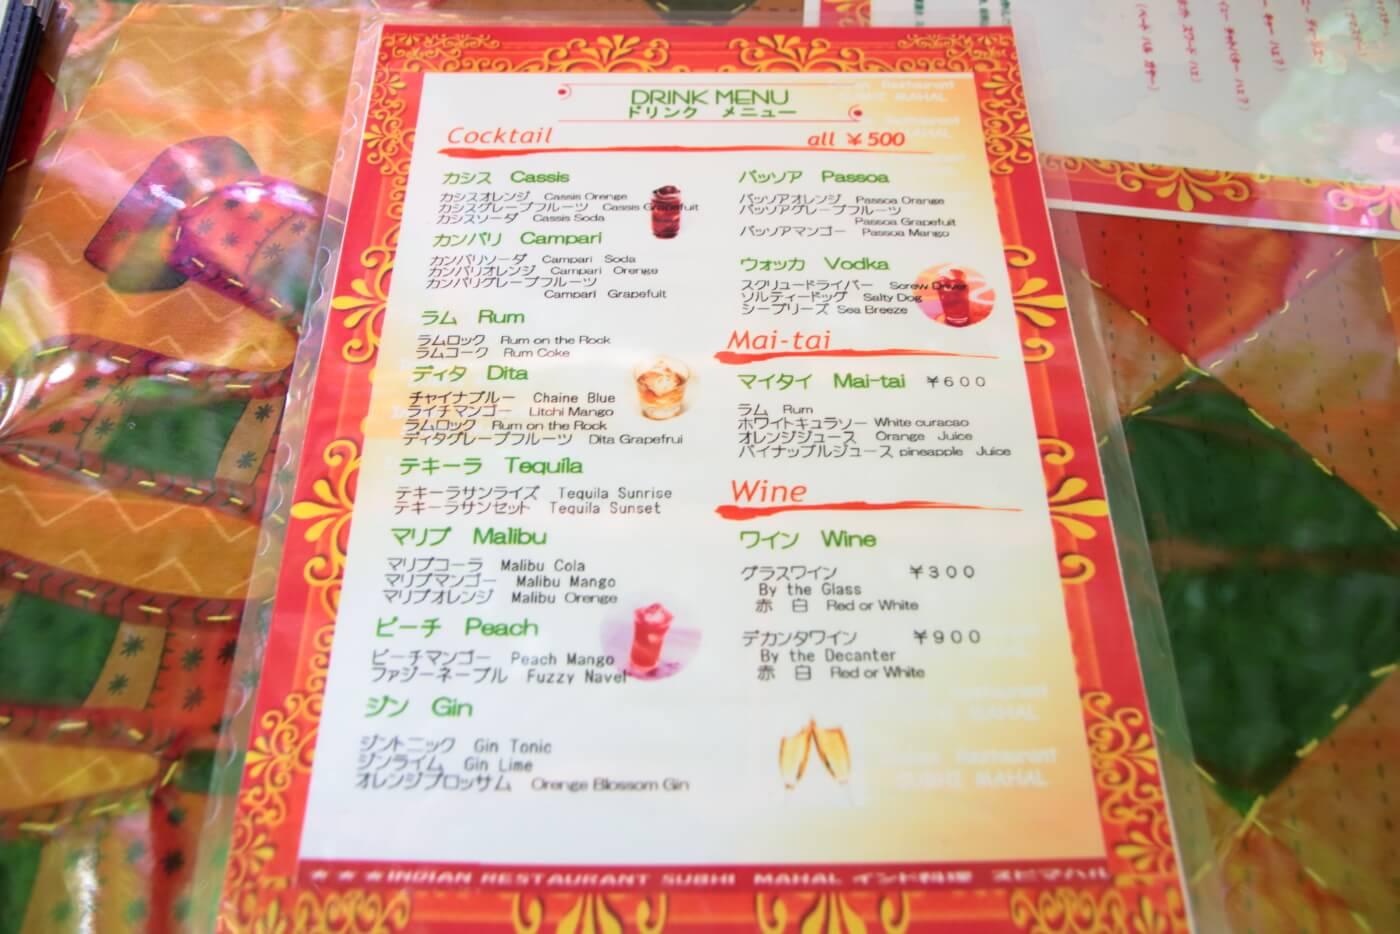 インド料理 スビマハル メニュー